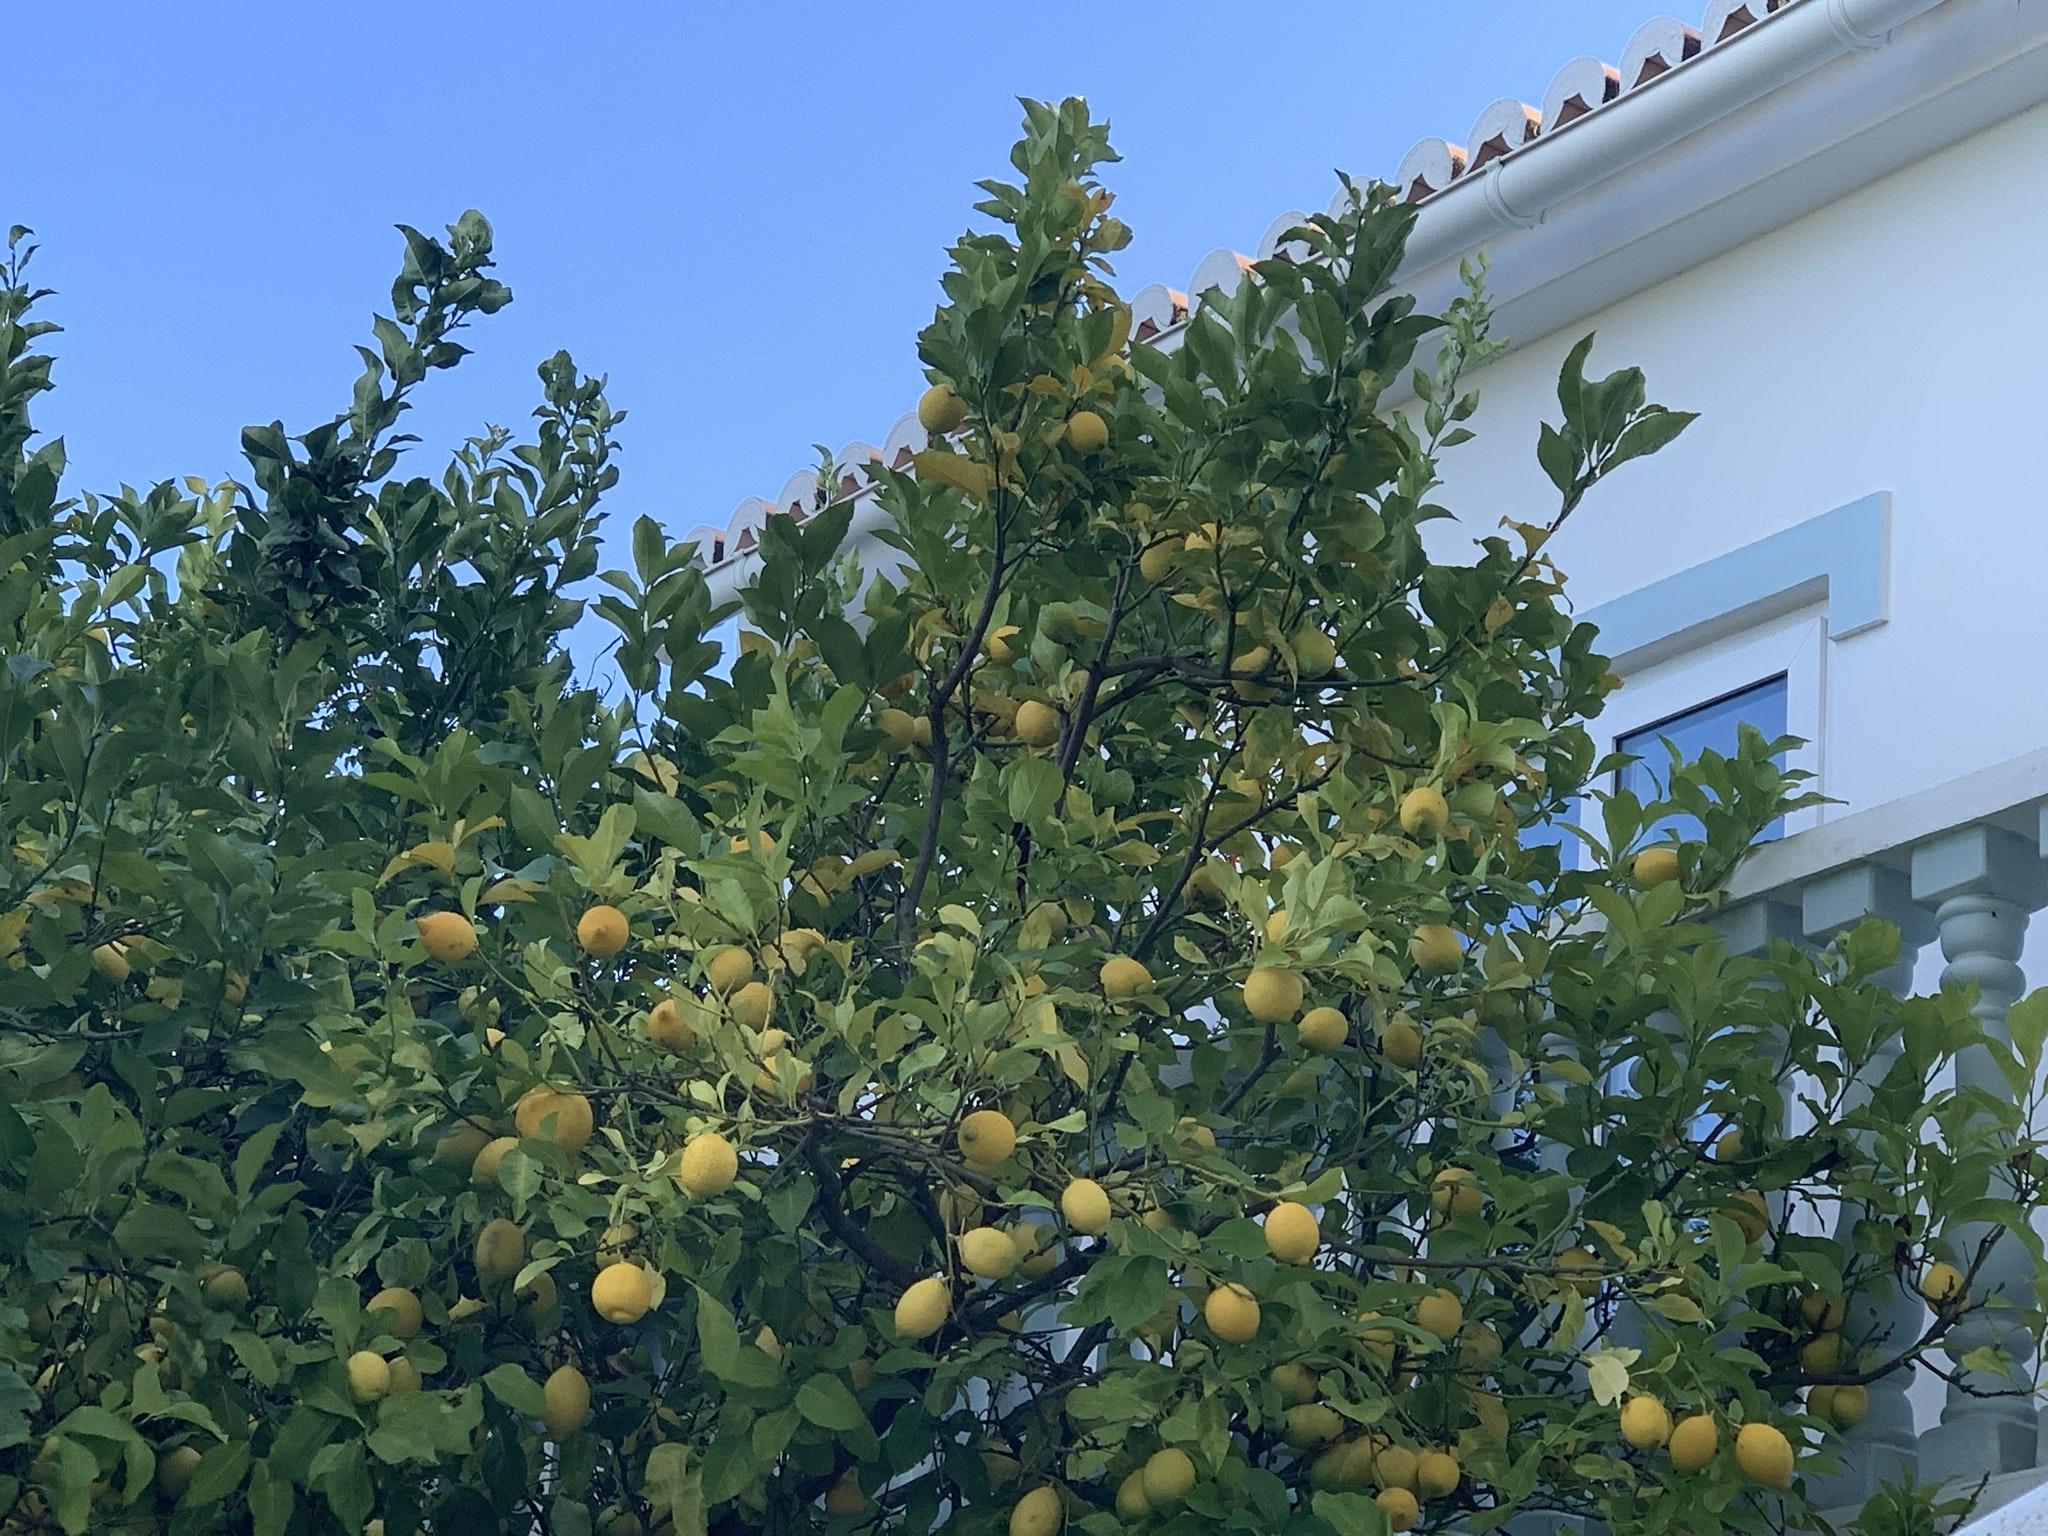 Ferienwohnung Wohnung mit 2 Schlafzimmern in Carvoeiro mit Pool, eingezäuntem Garten und W-LAN - 500 m v (2622212), Carvoeiro, , Algarve, Portugal, Bild 18